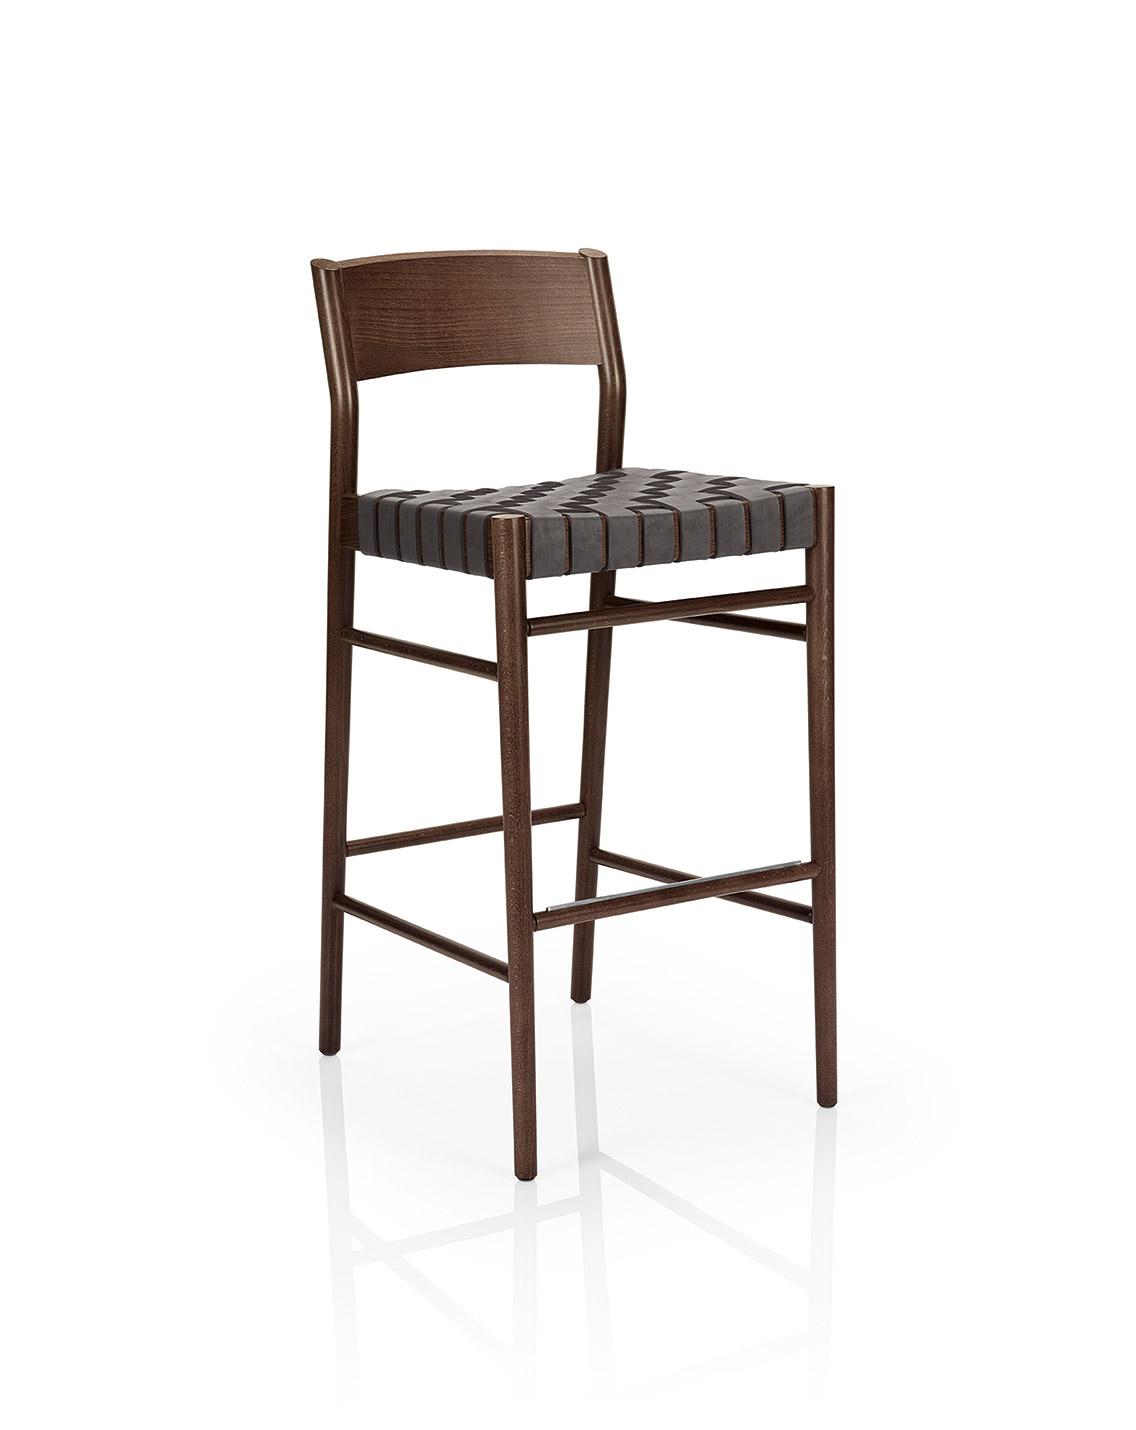 Terrific Penny 606 Bar Stool Cape Furniture Inzonedesignstudio Interior Chair Design Inzonedesignstudiocom